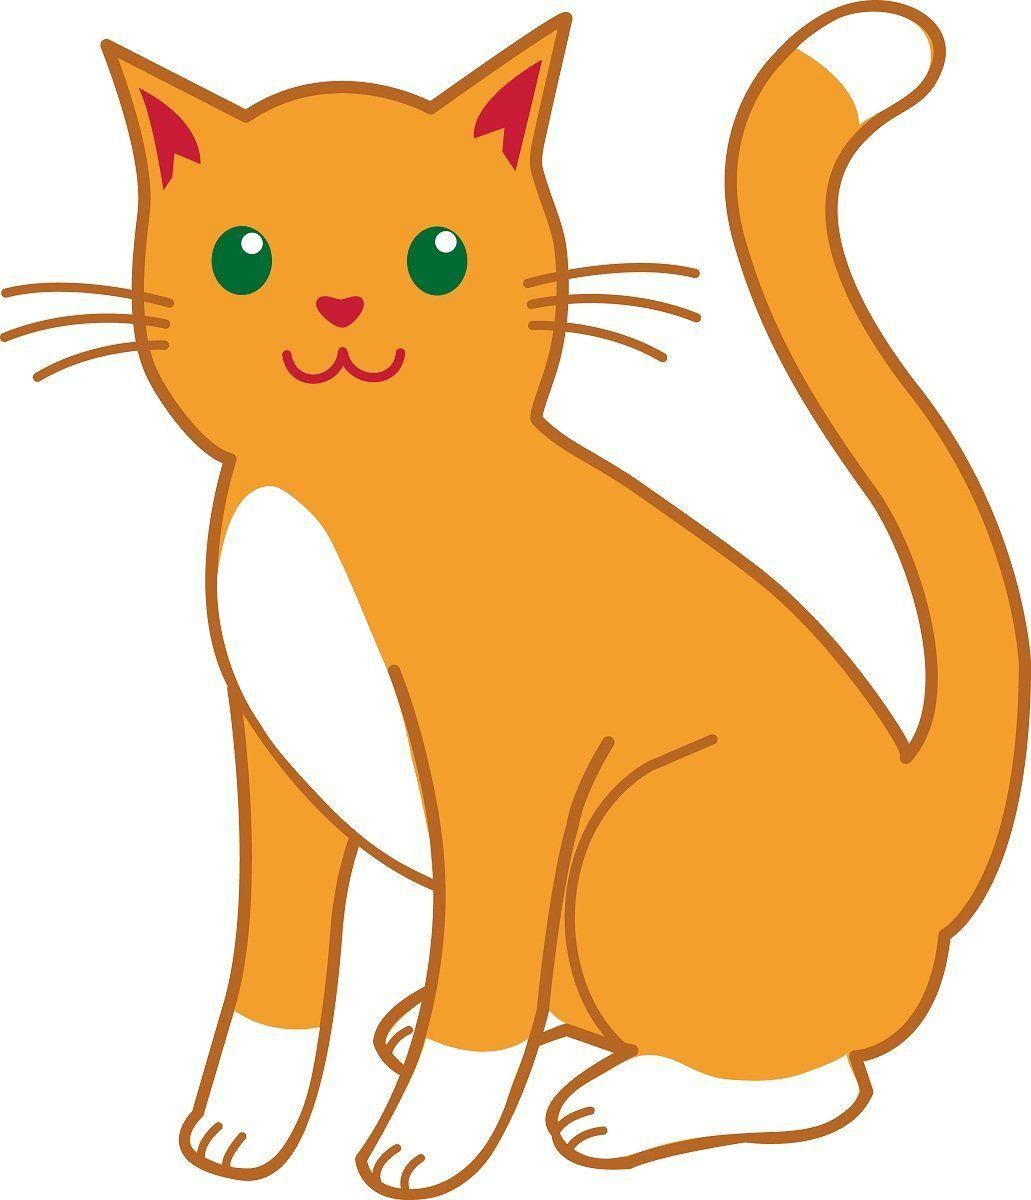 dibujos de perros y gatos a color - Buscar con Google | Remeras ...